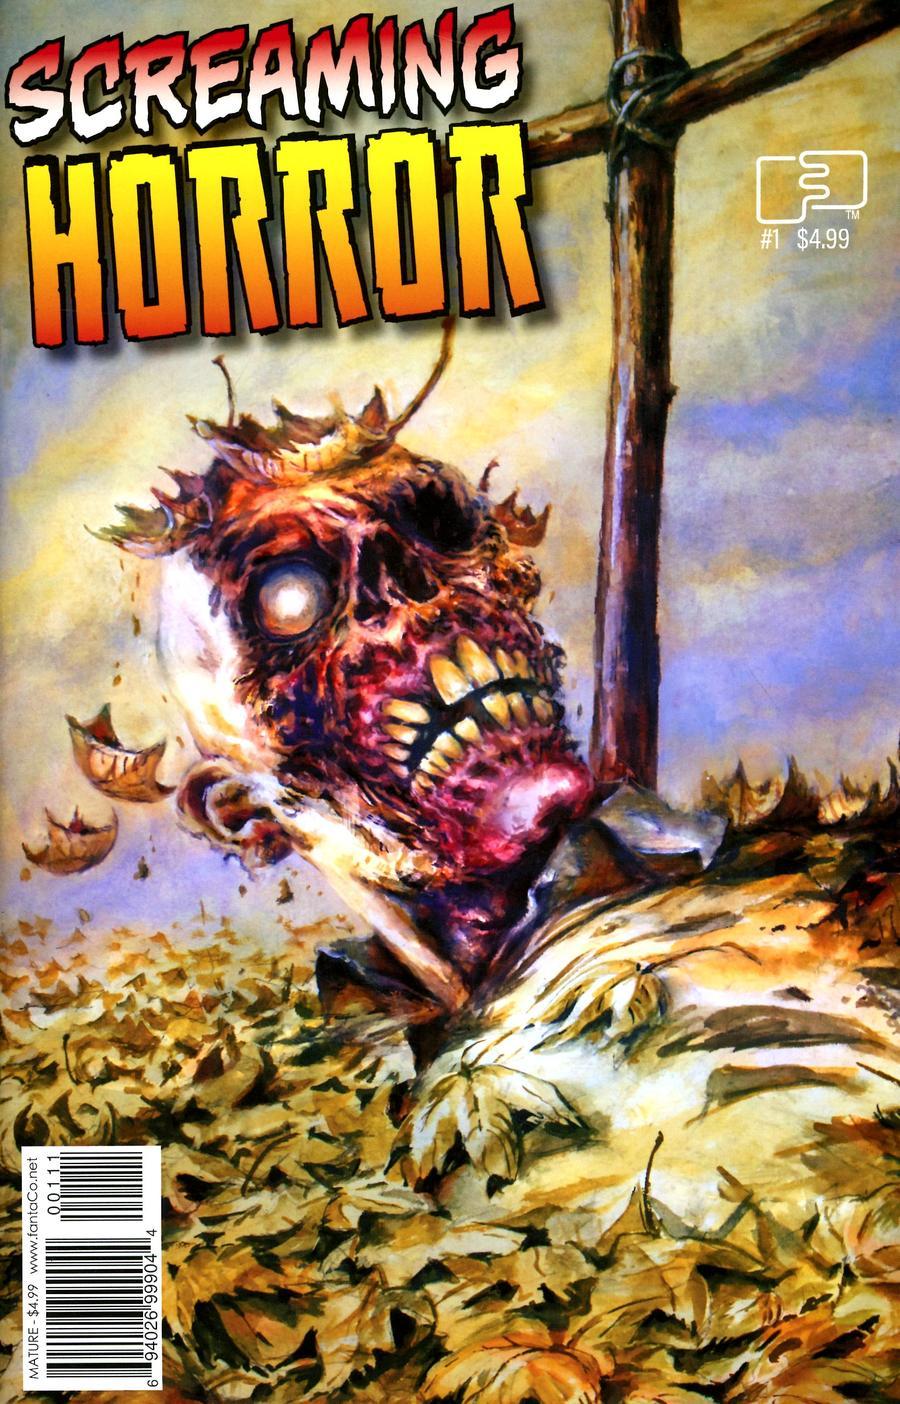 Screaming Horror #1